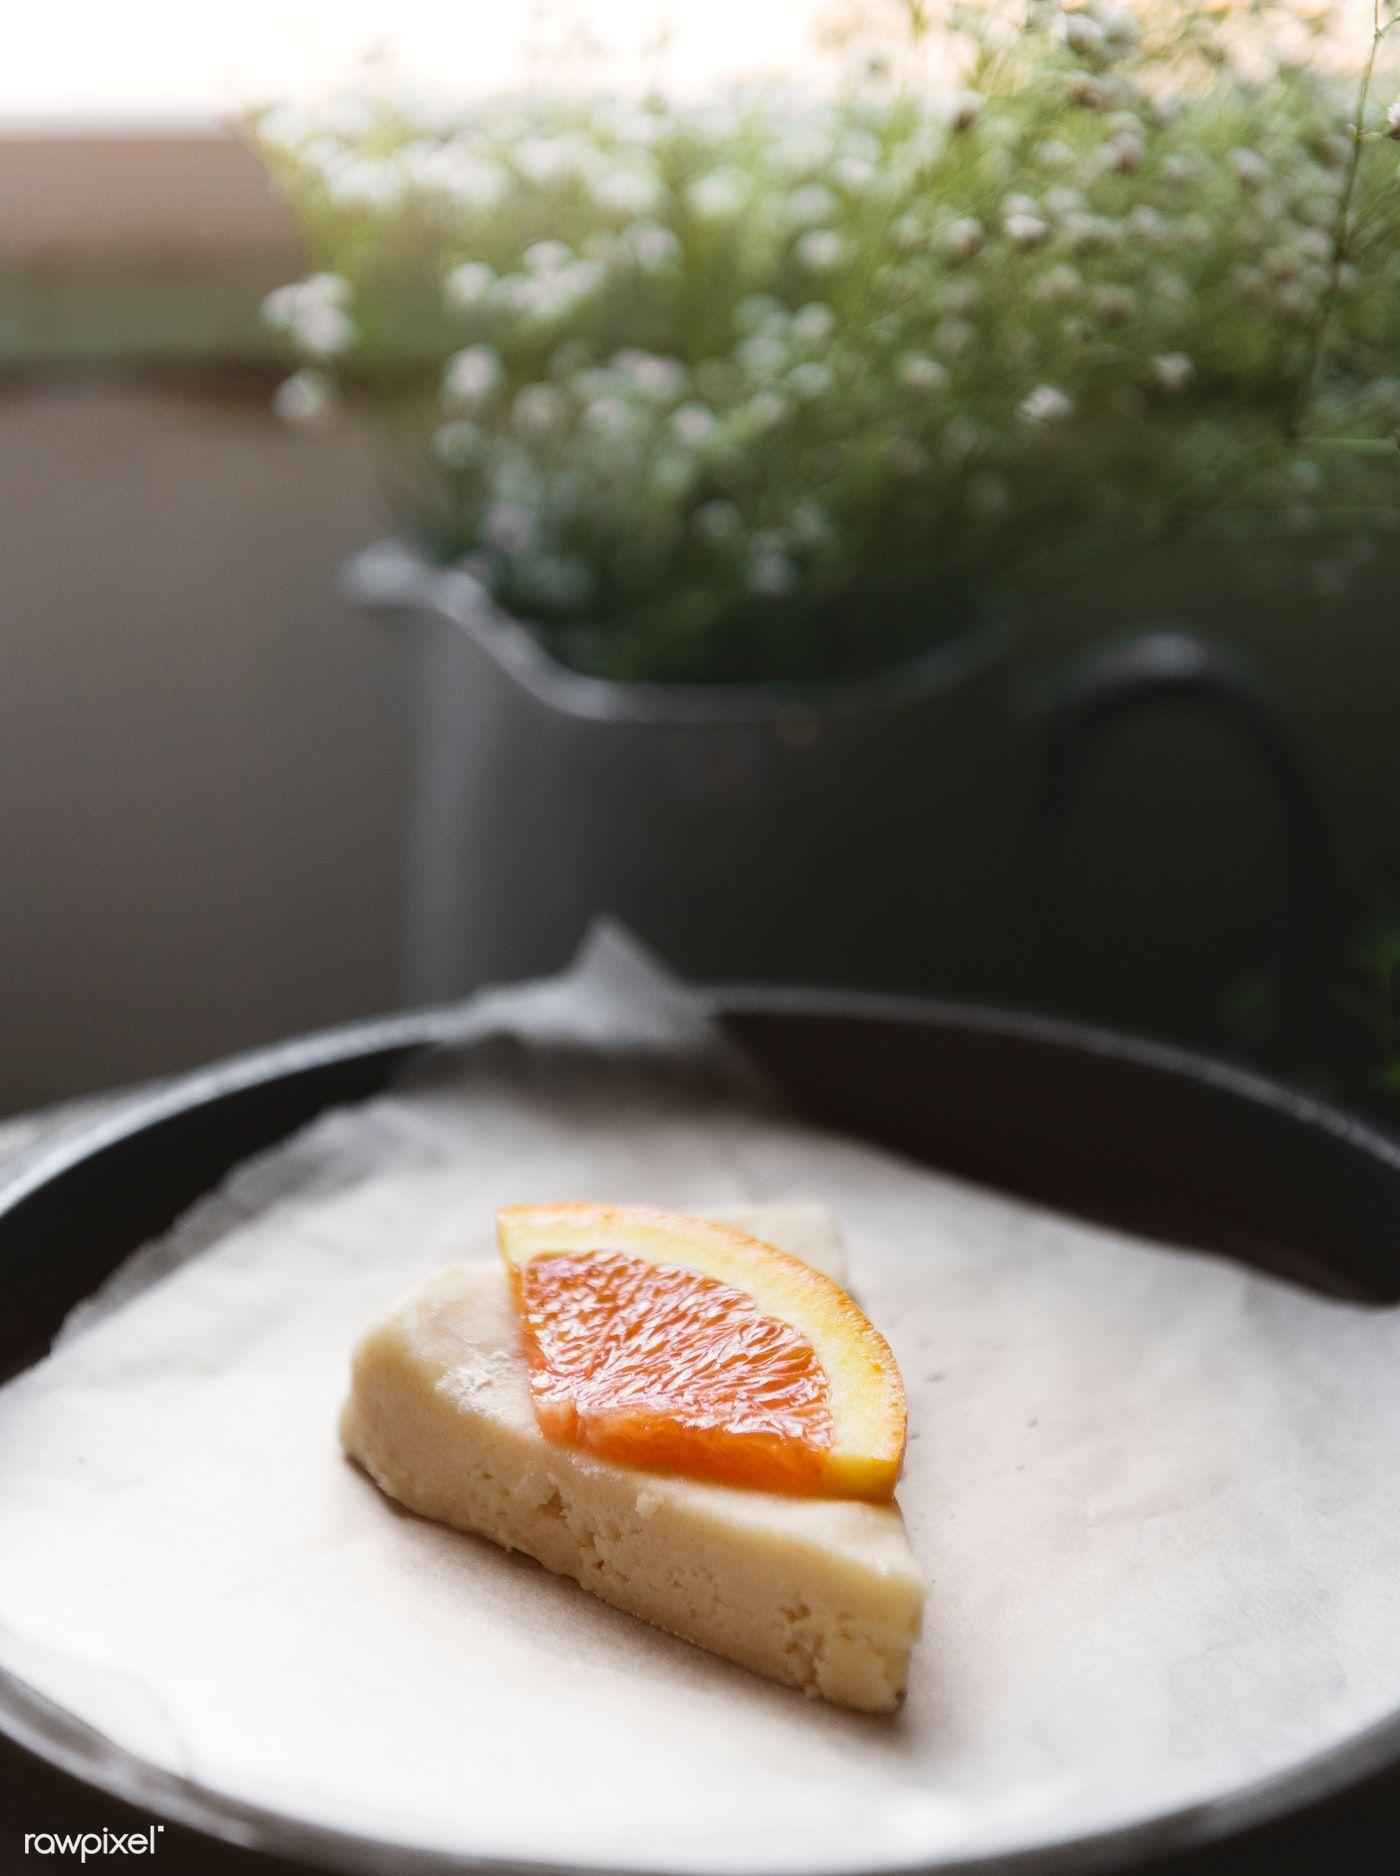 Download premium photo of Homemade scones with orange jam